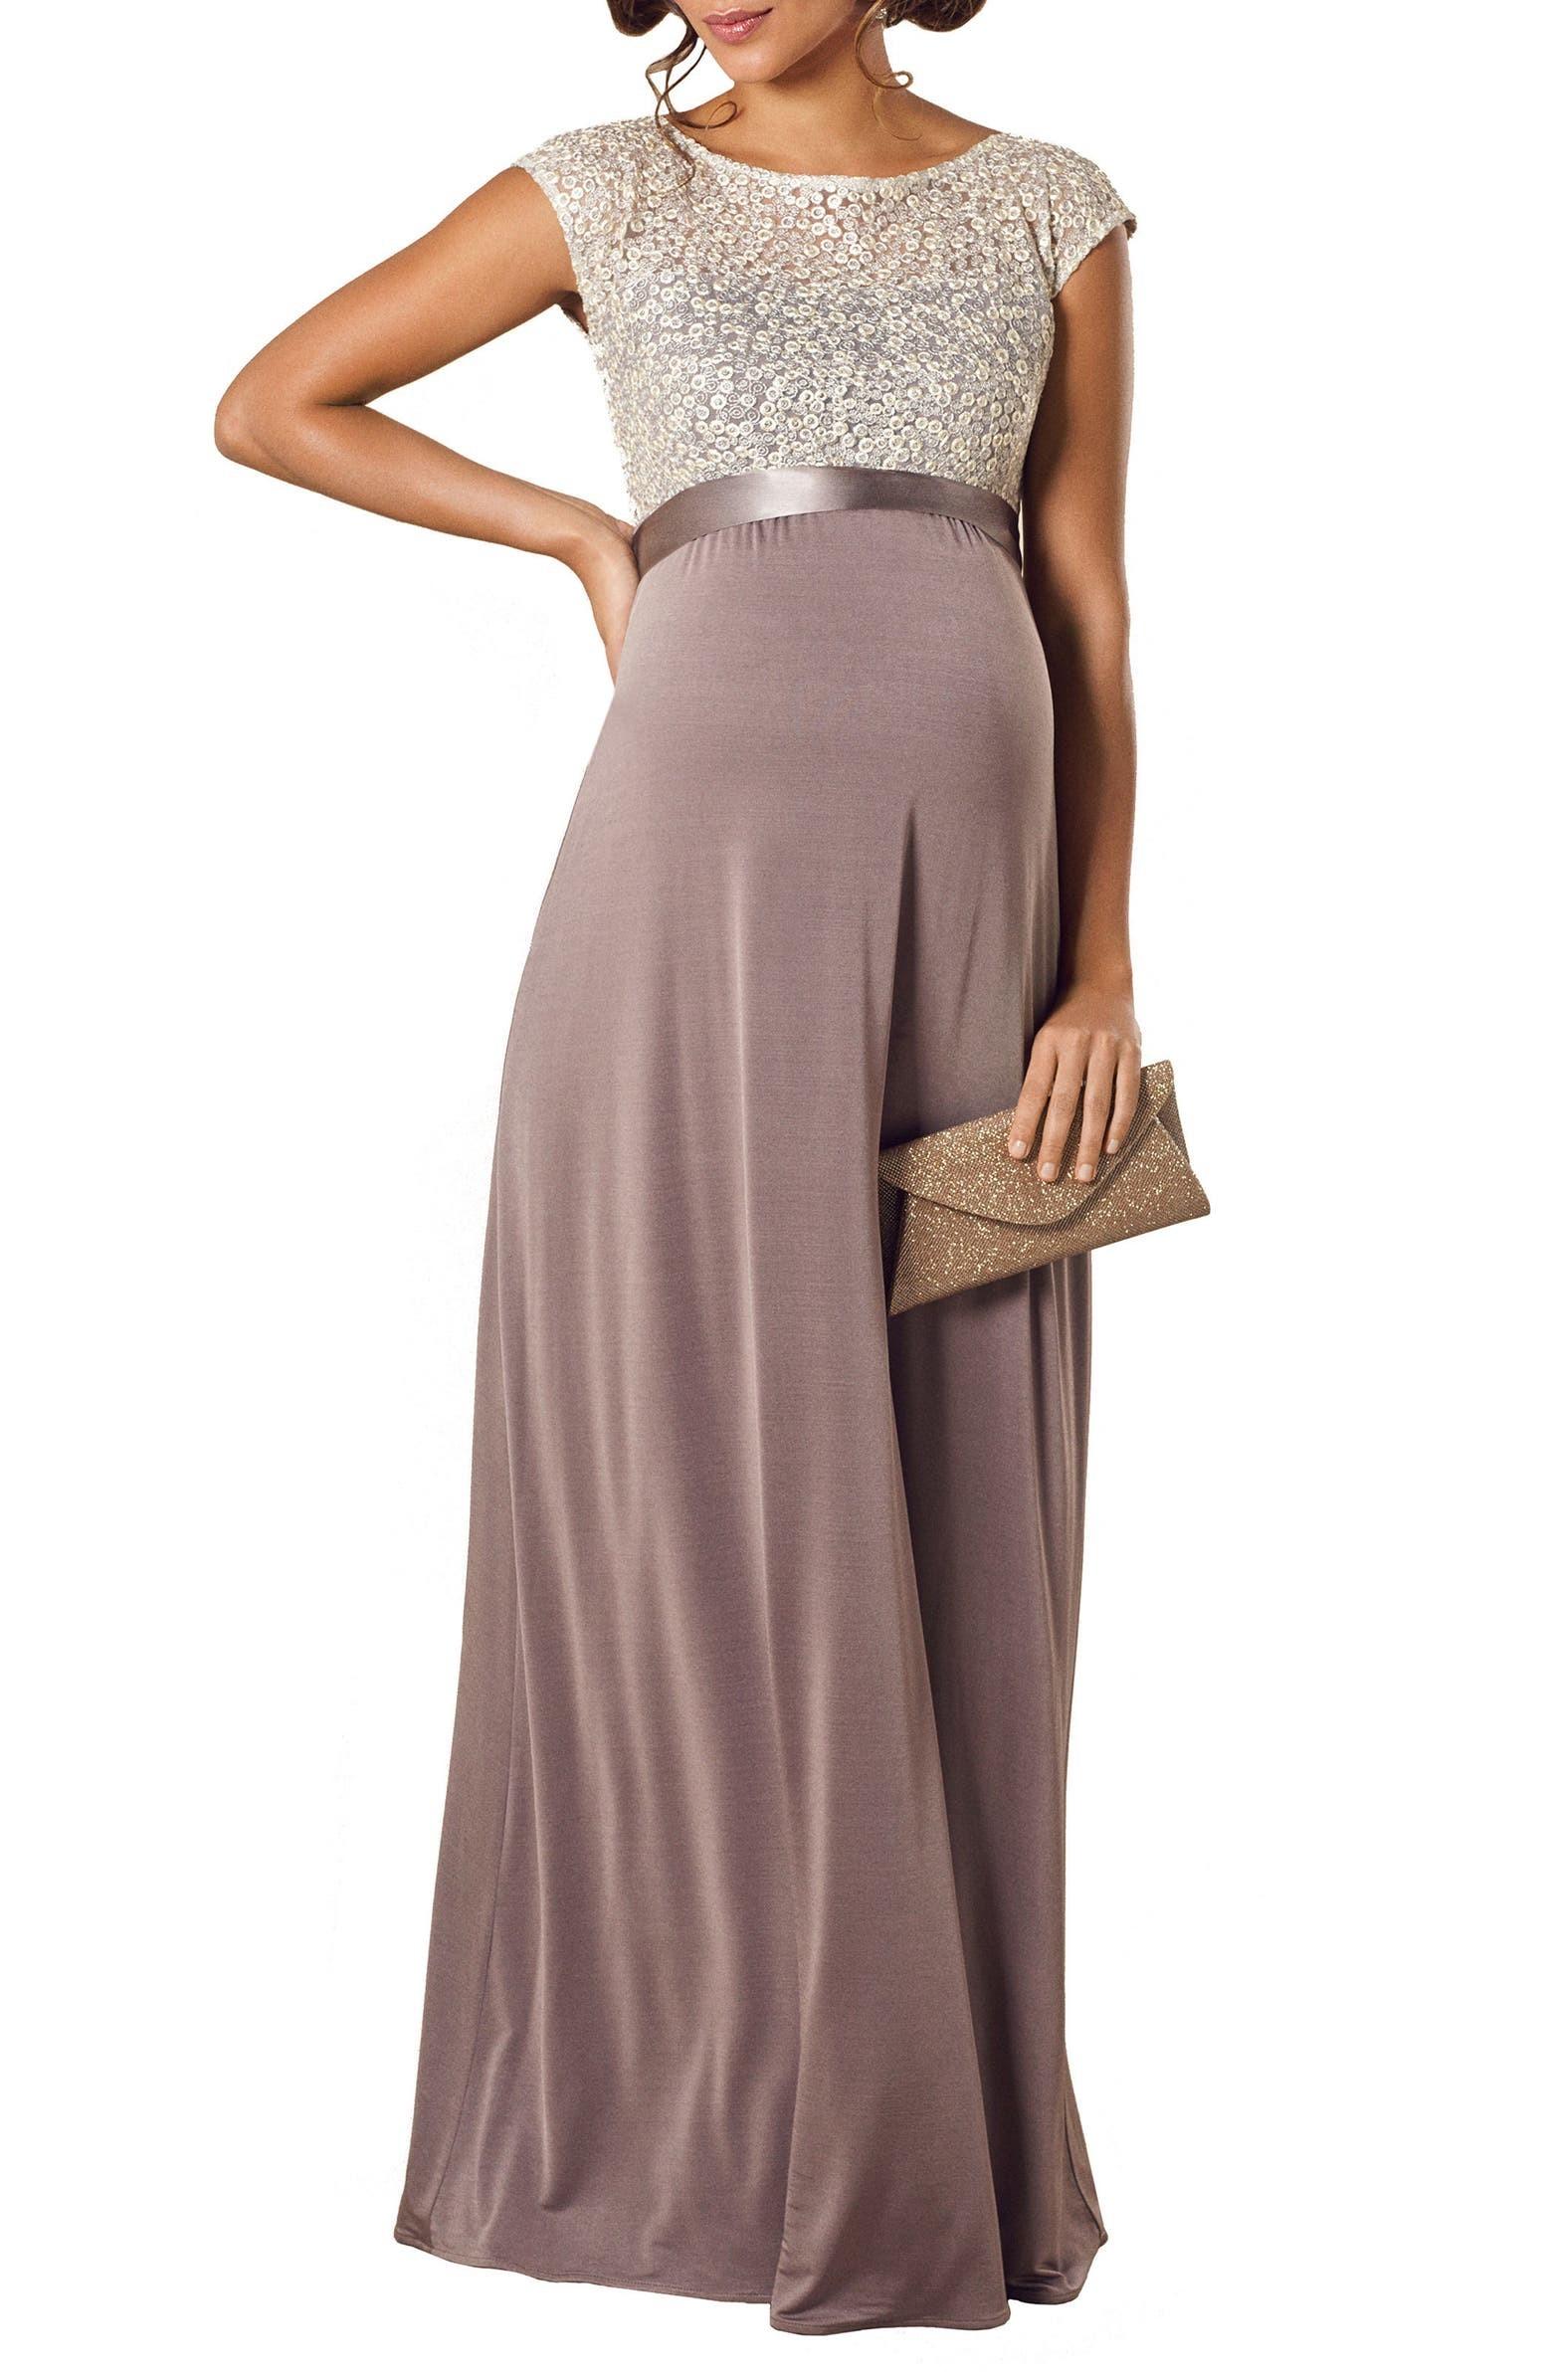 فستان للحوامل مناسب للسهرة-فستان طويل